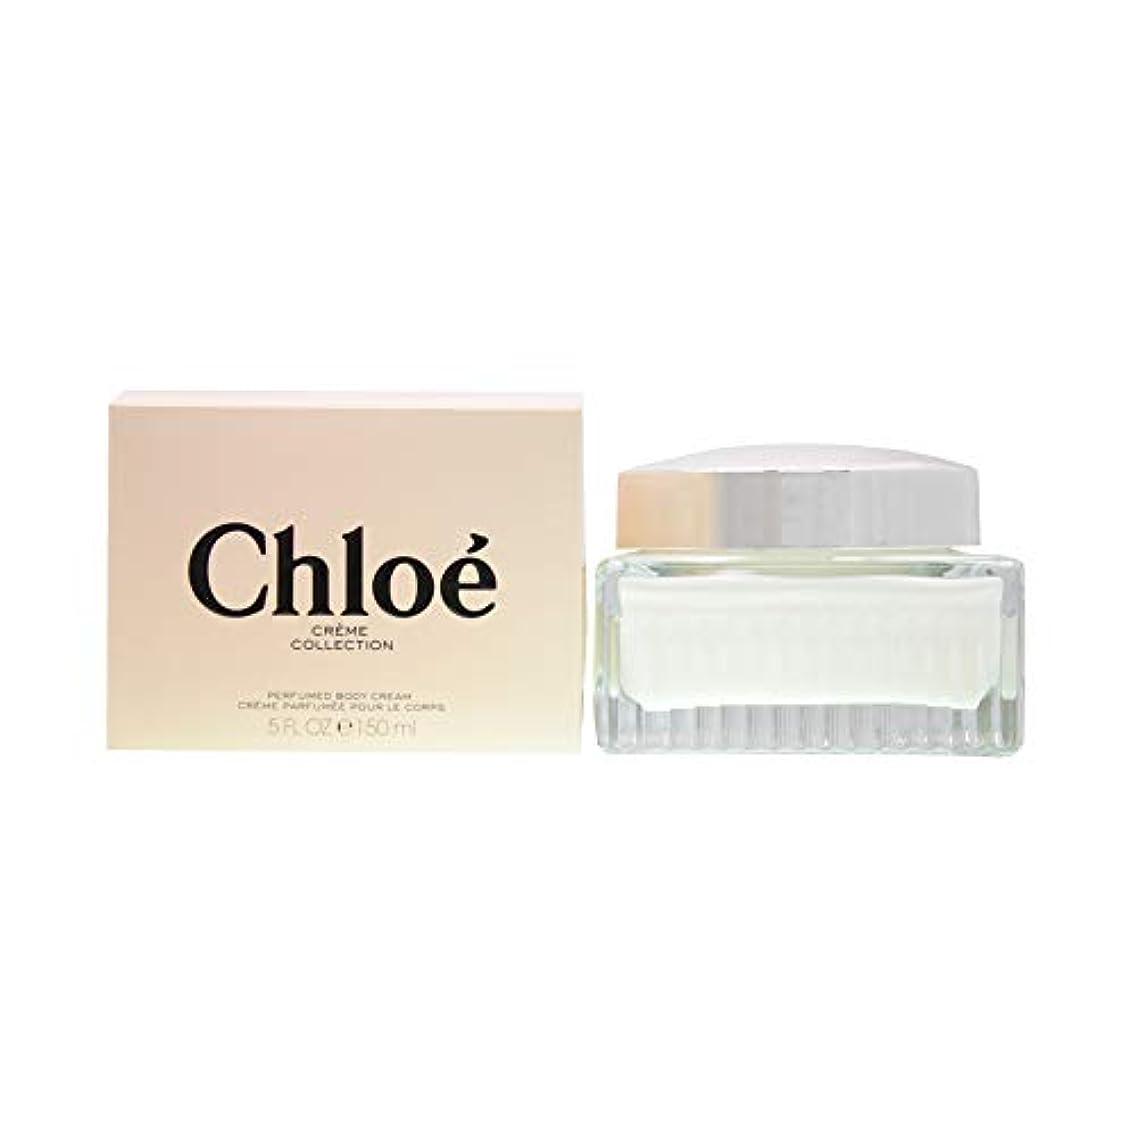 最近変色するファイタークロエ chloe パフューム ボディクリーム 150ml レディース 「クロエ オードパルファム」の香りからインスパイアされ誕生したボディークリーム [並行輸入品]